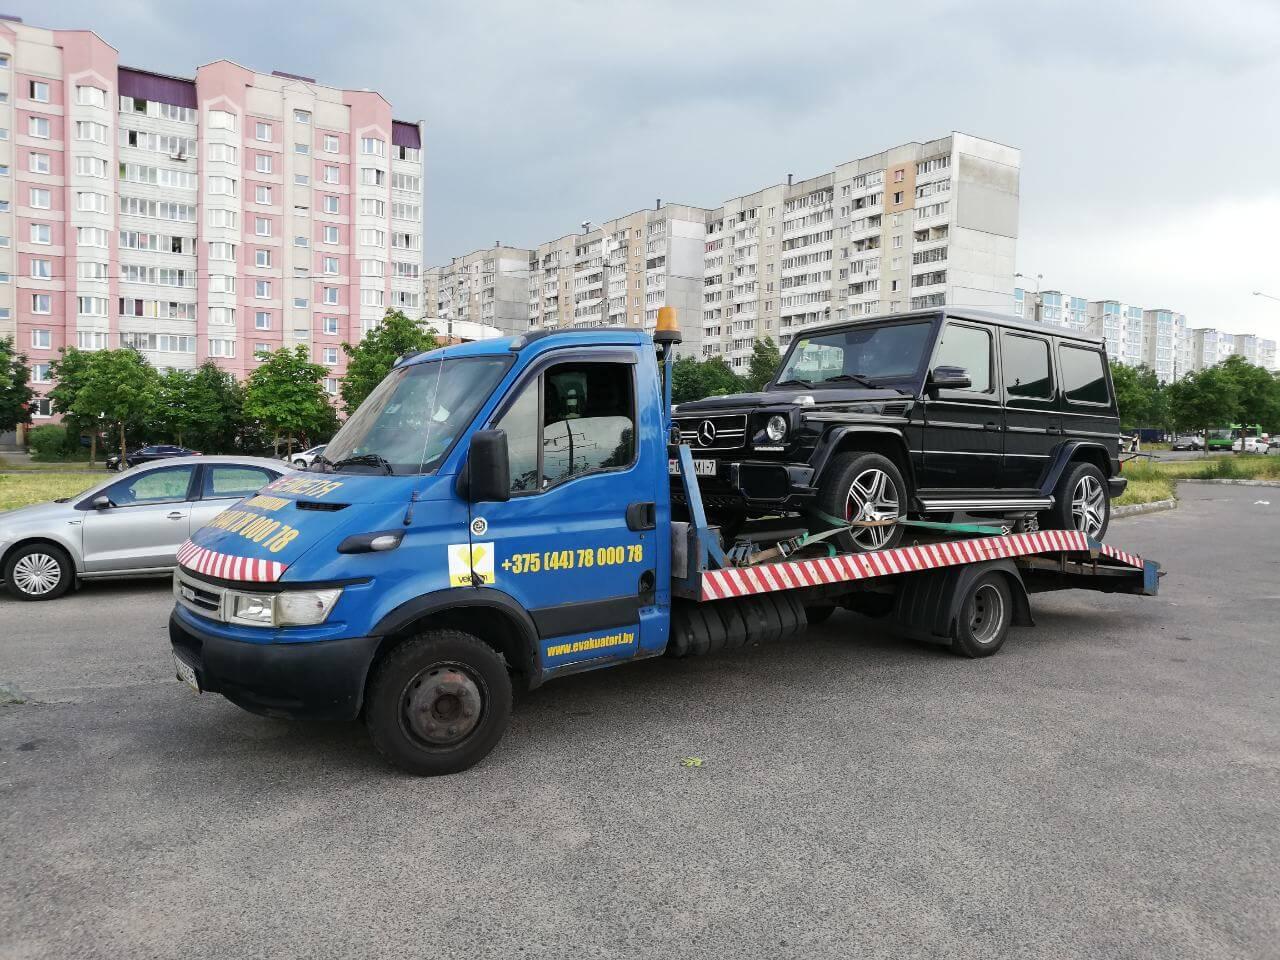 Эвакуатор для джипа в Минске